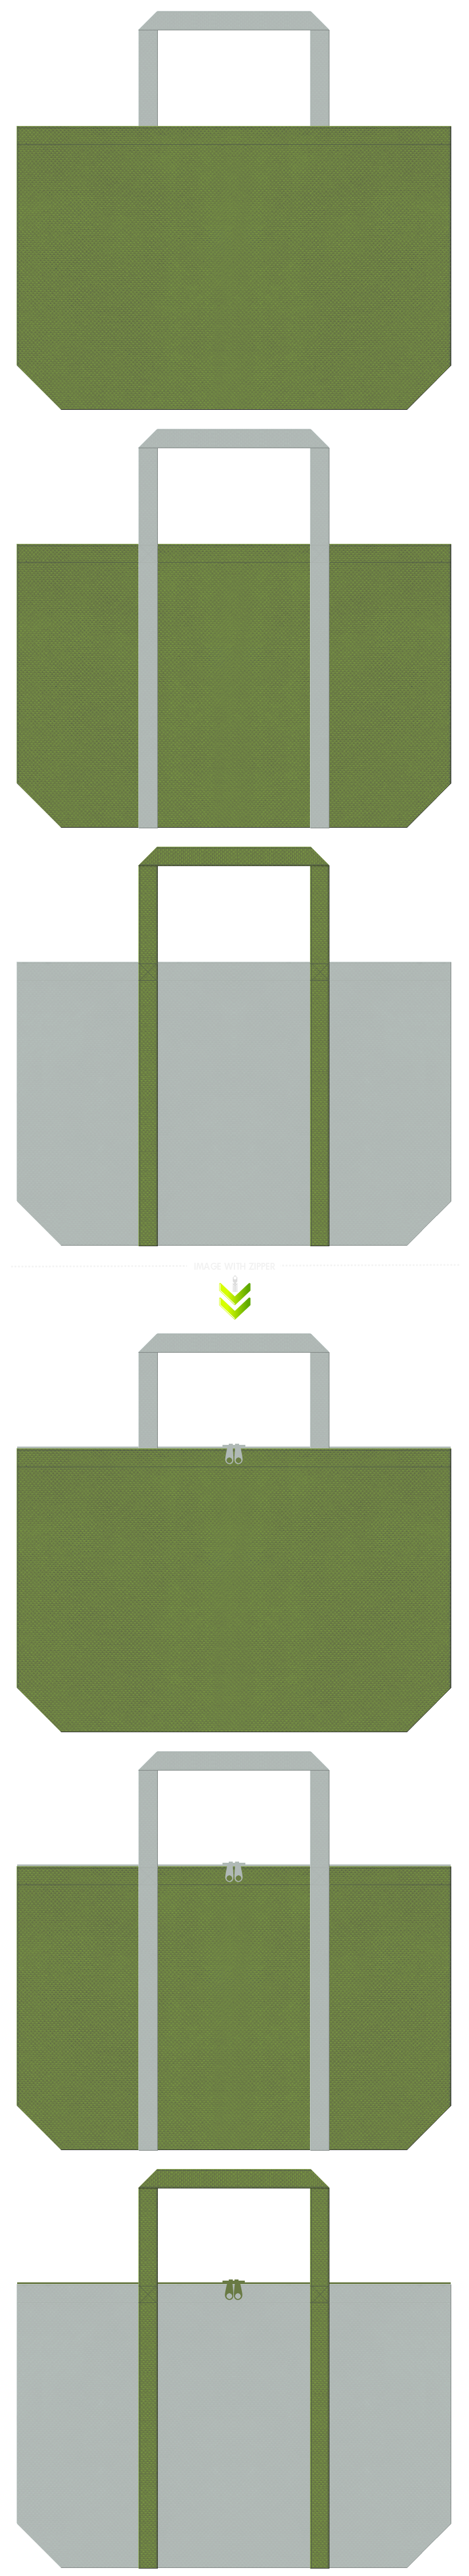 壁面緑化・屋上緑化・エクステリア・設計・建築・和風エコバッグにお奨めの不織布バッグデザイン:草色とグレー色のコーデ